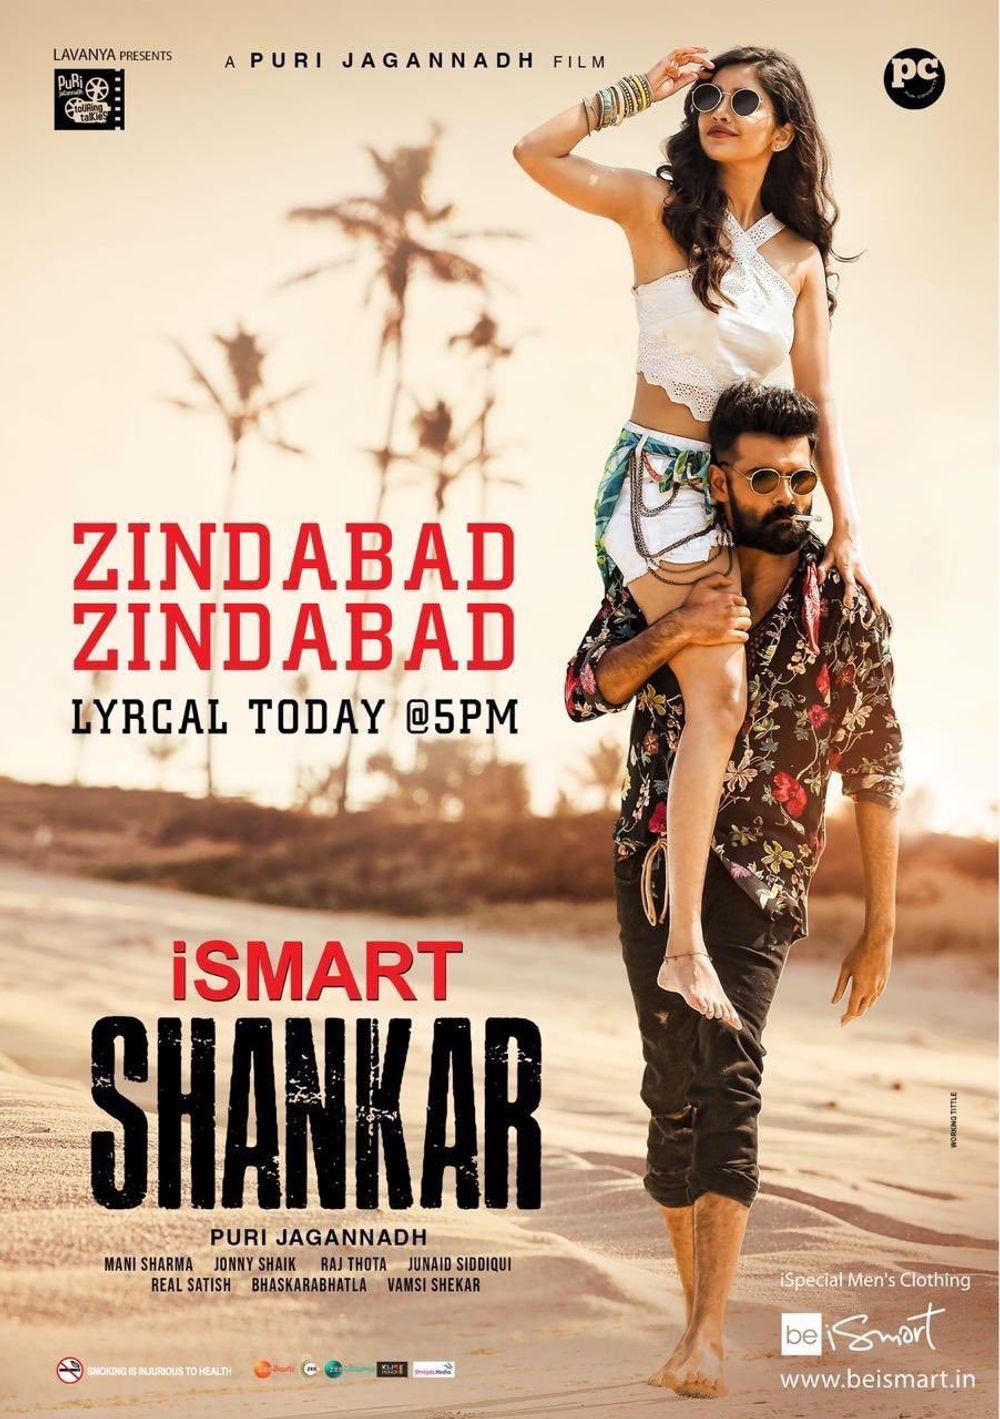 1-Ismart Shankar